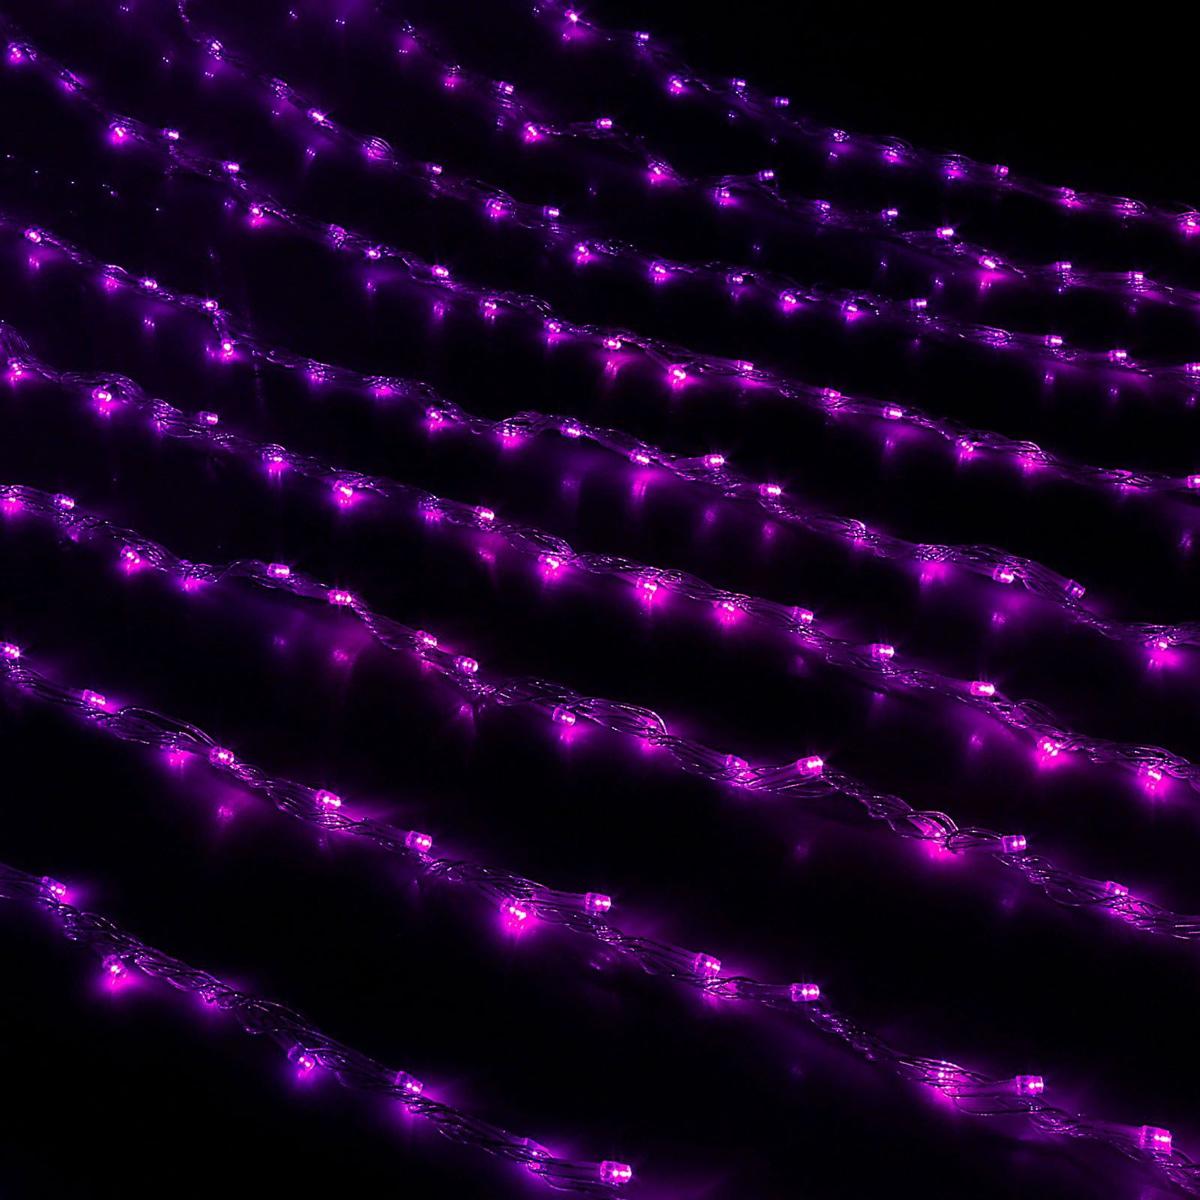 Гирлянда светодиодная Luazon Дождь, уличная, 8 режимов, 400 ламп, 220 V, цвет: фиолетовый, 2 х 1,5 м. 187293187293Гирлянда светодиодная Дождь - это отличный вариант для новогоднего оформления интерьера или фасада. С ее помощью помещение любого размера можно превратить в праздничный зал, а внешние элементы зданий, украшенные гирляндой, мгновенно станут напоминать очертания сказочного дворца. Такое украшение создаст ауру предвкушения чуда. Деревья, фасады, витрины, окна и арки будто специально созданы, чтобы вы украсили их светящимися нитями.